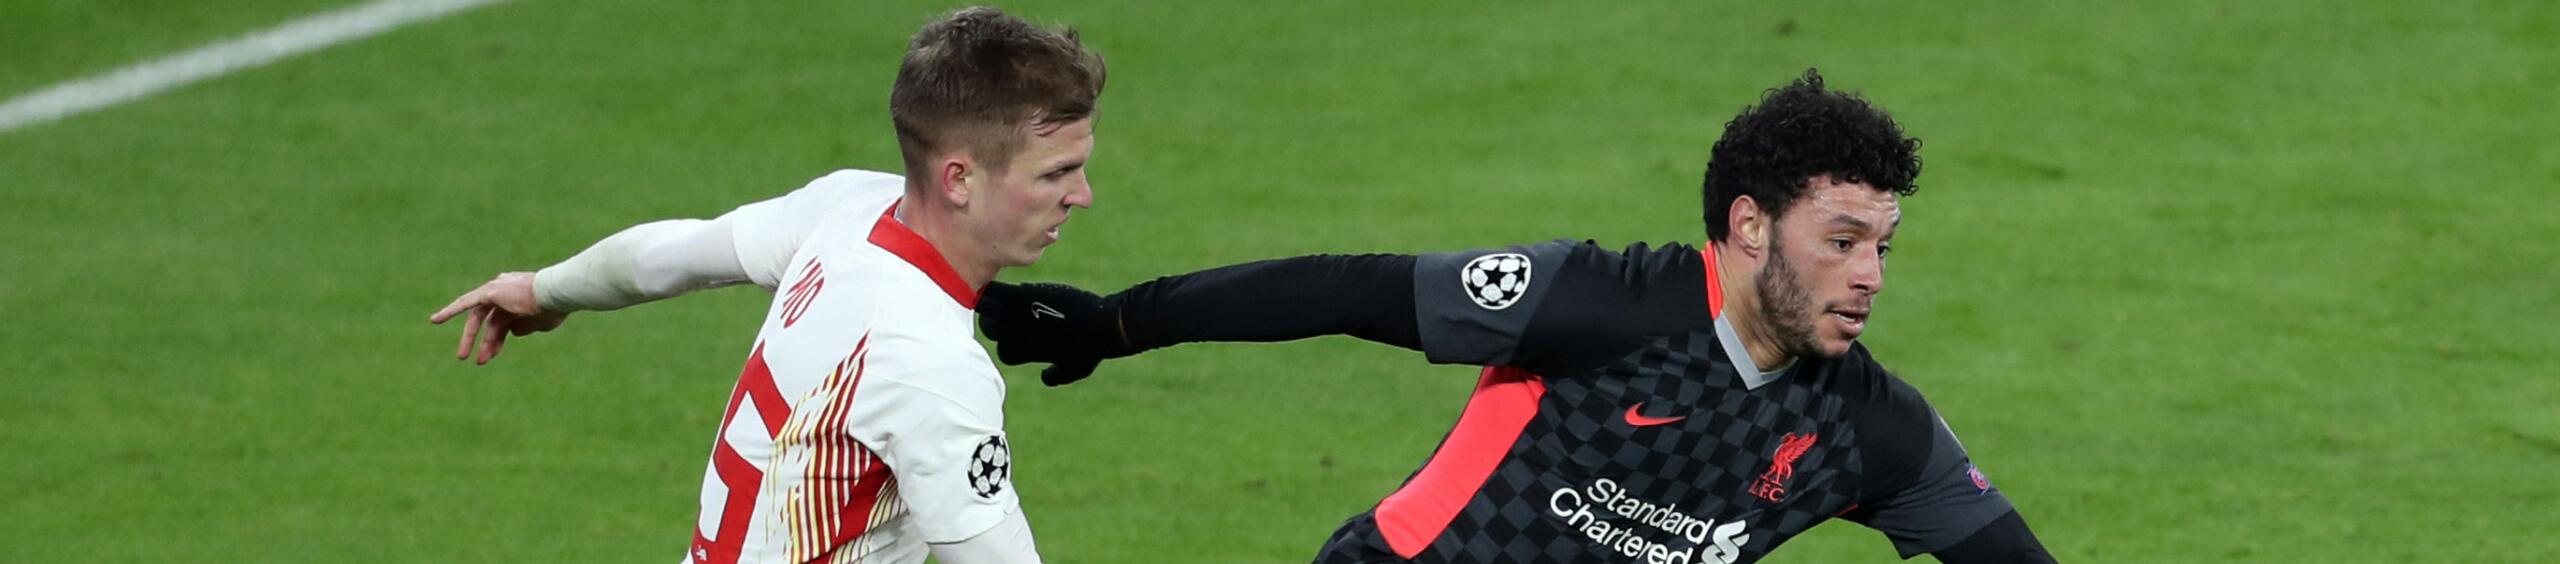 Liverpool-Lipsia: Klopp si aggrappa alla Champions, ma occhio ai tedeschi in super forma